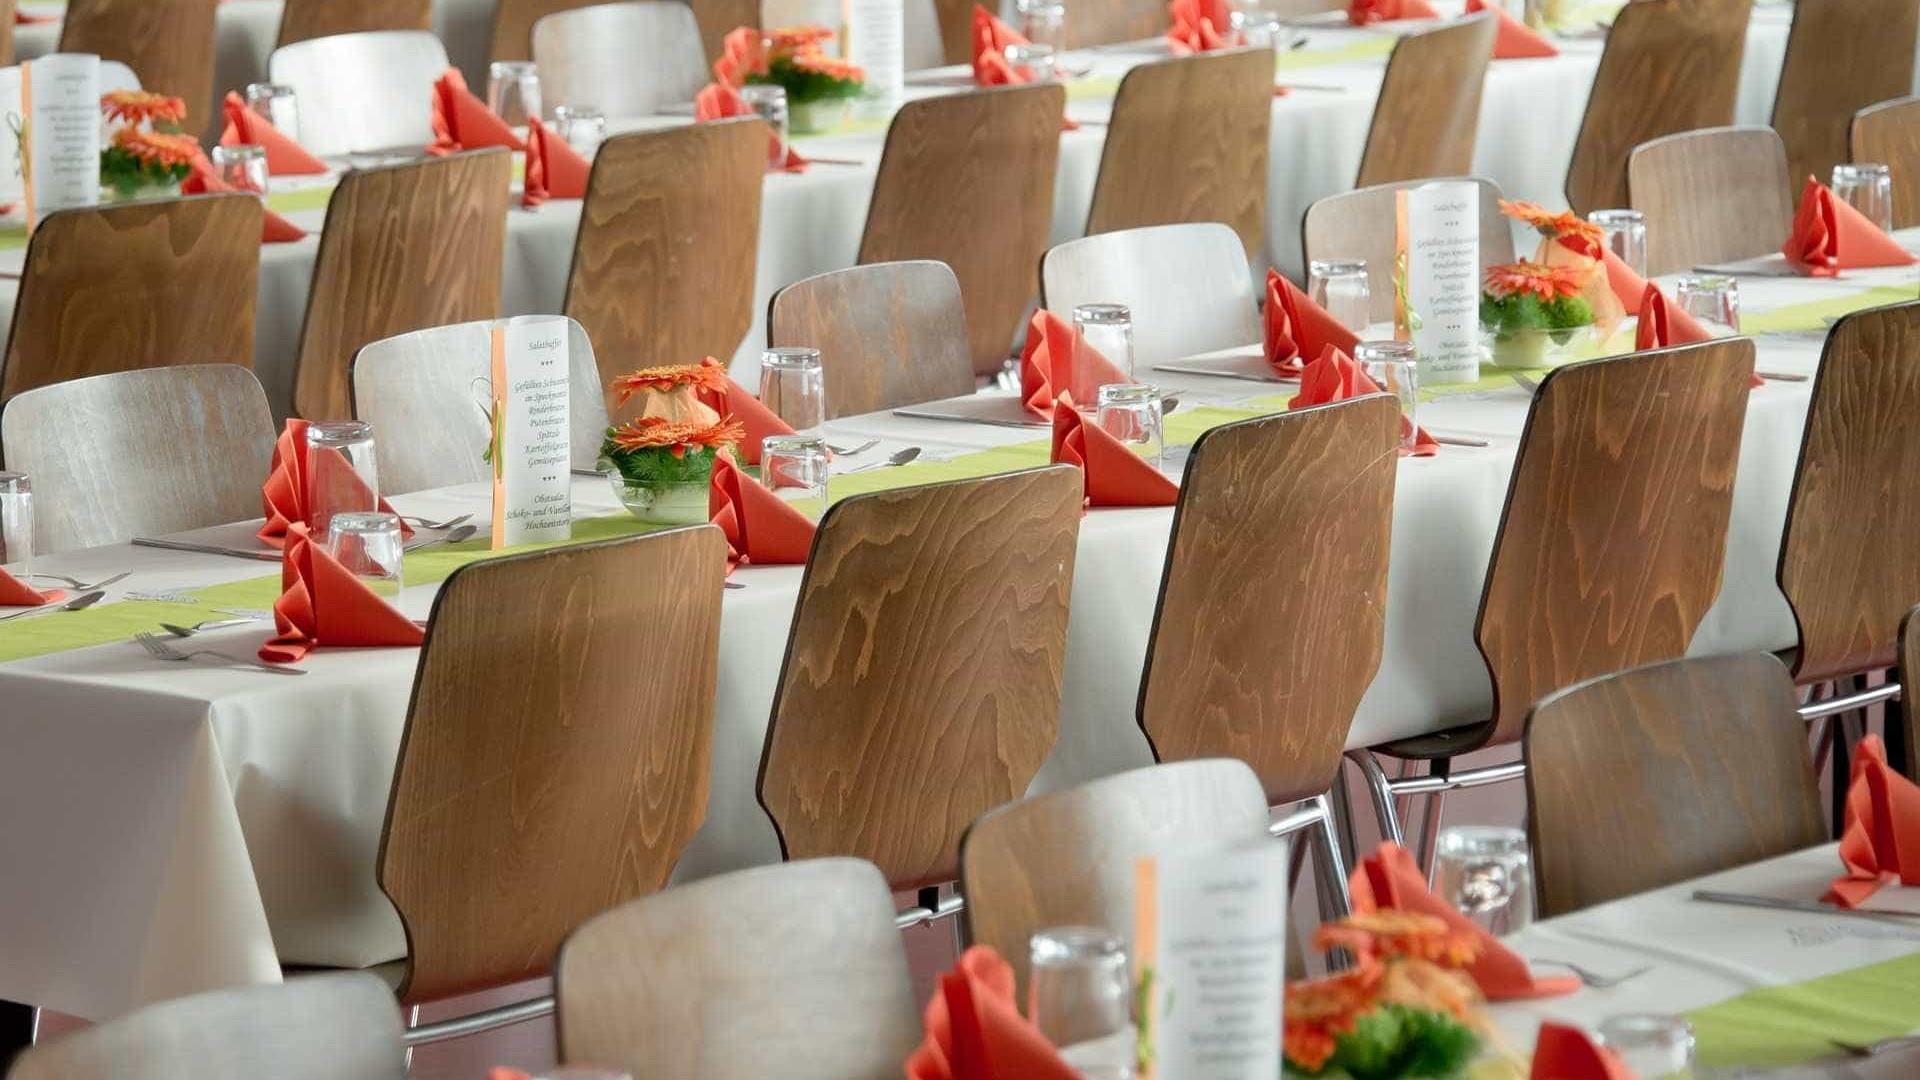 Mais de 100 convidados de casamento são intoxicados na Itália